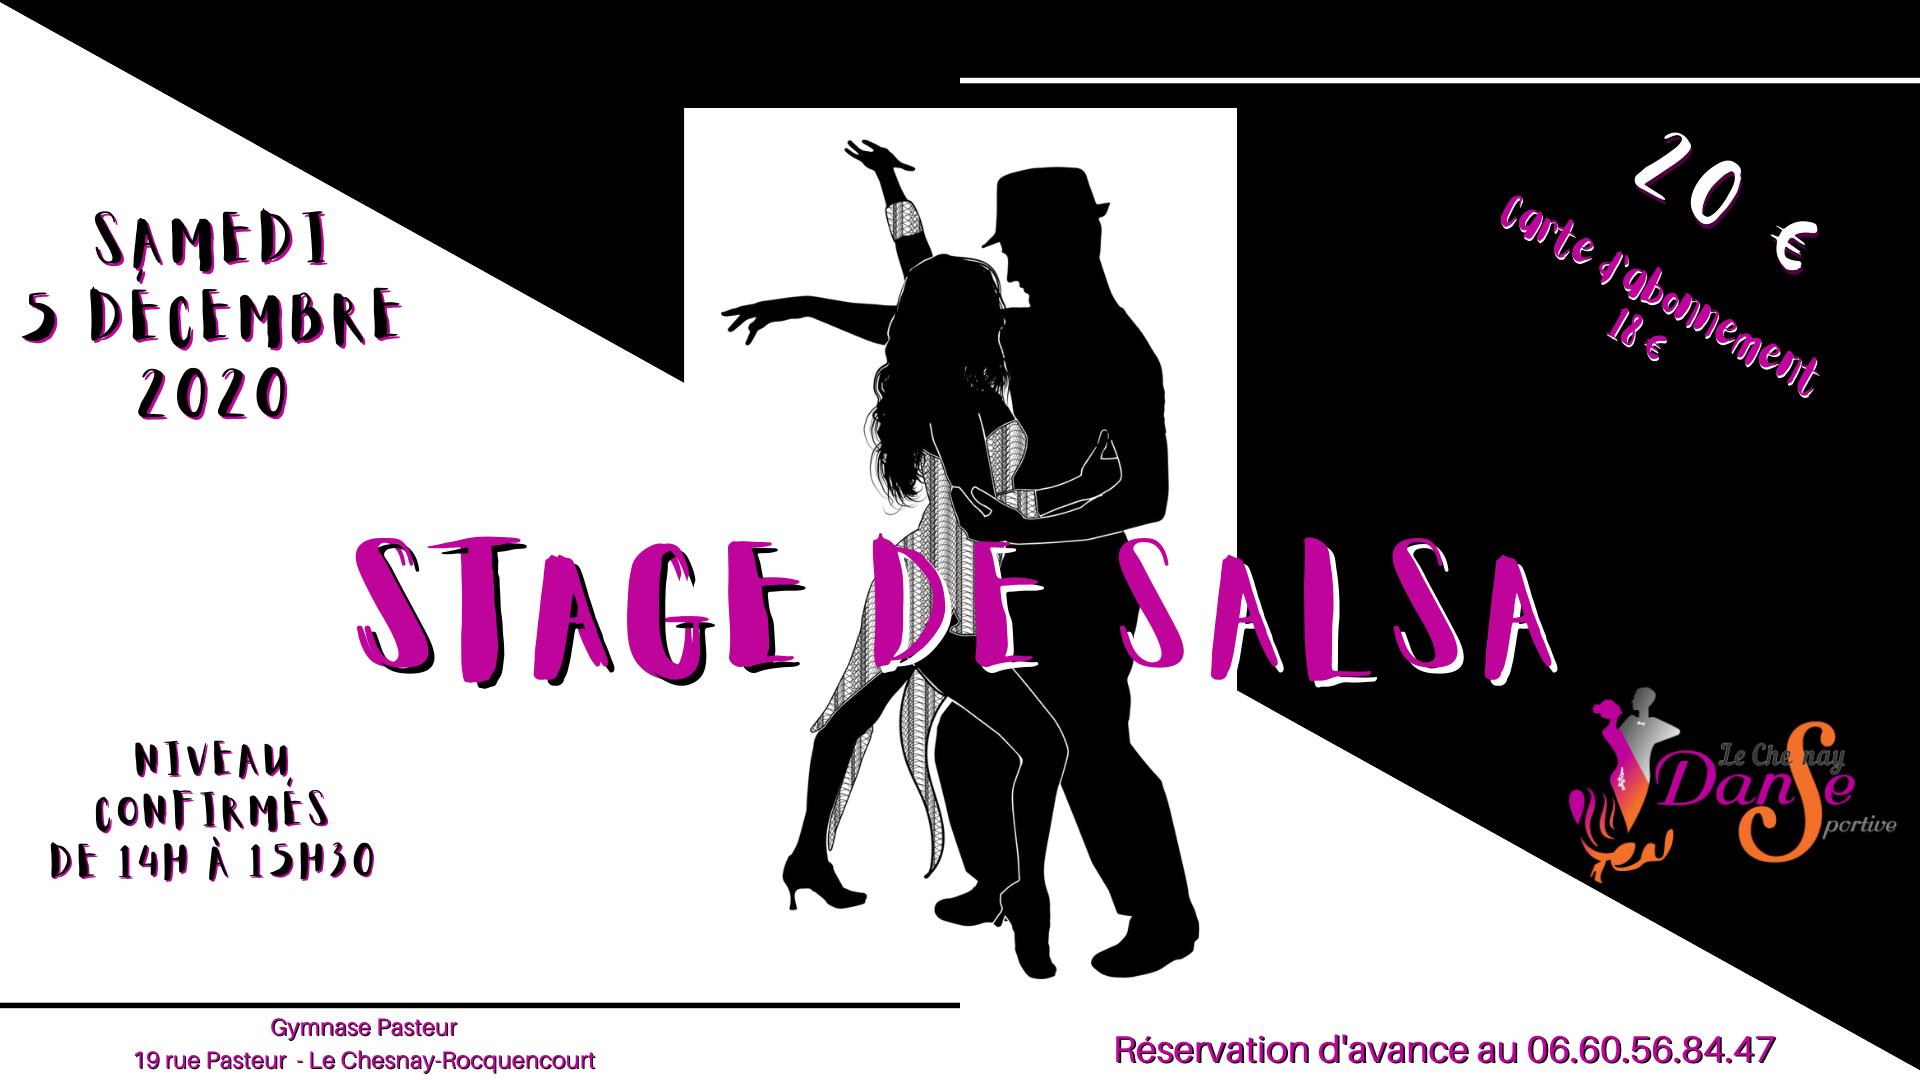 Stage de salsa confirmés – 5 décembre 2020